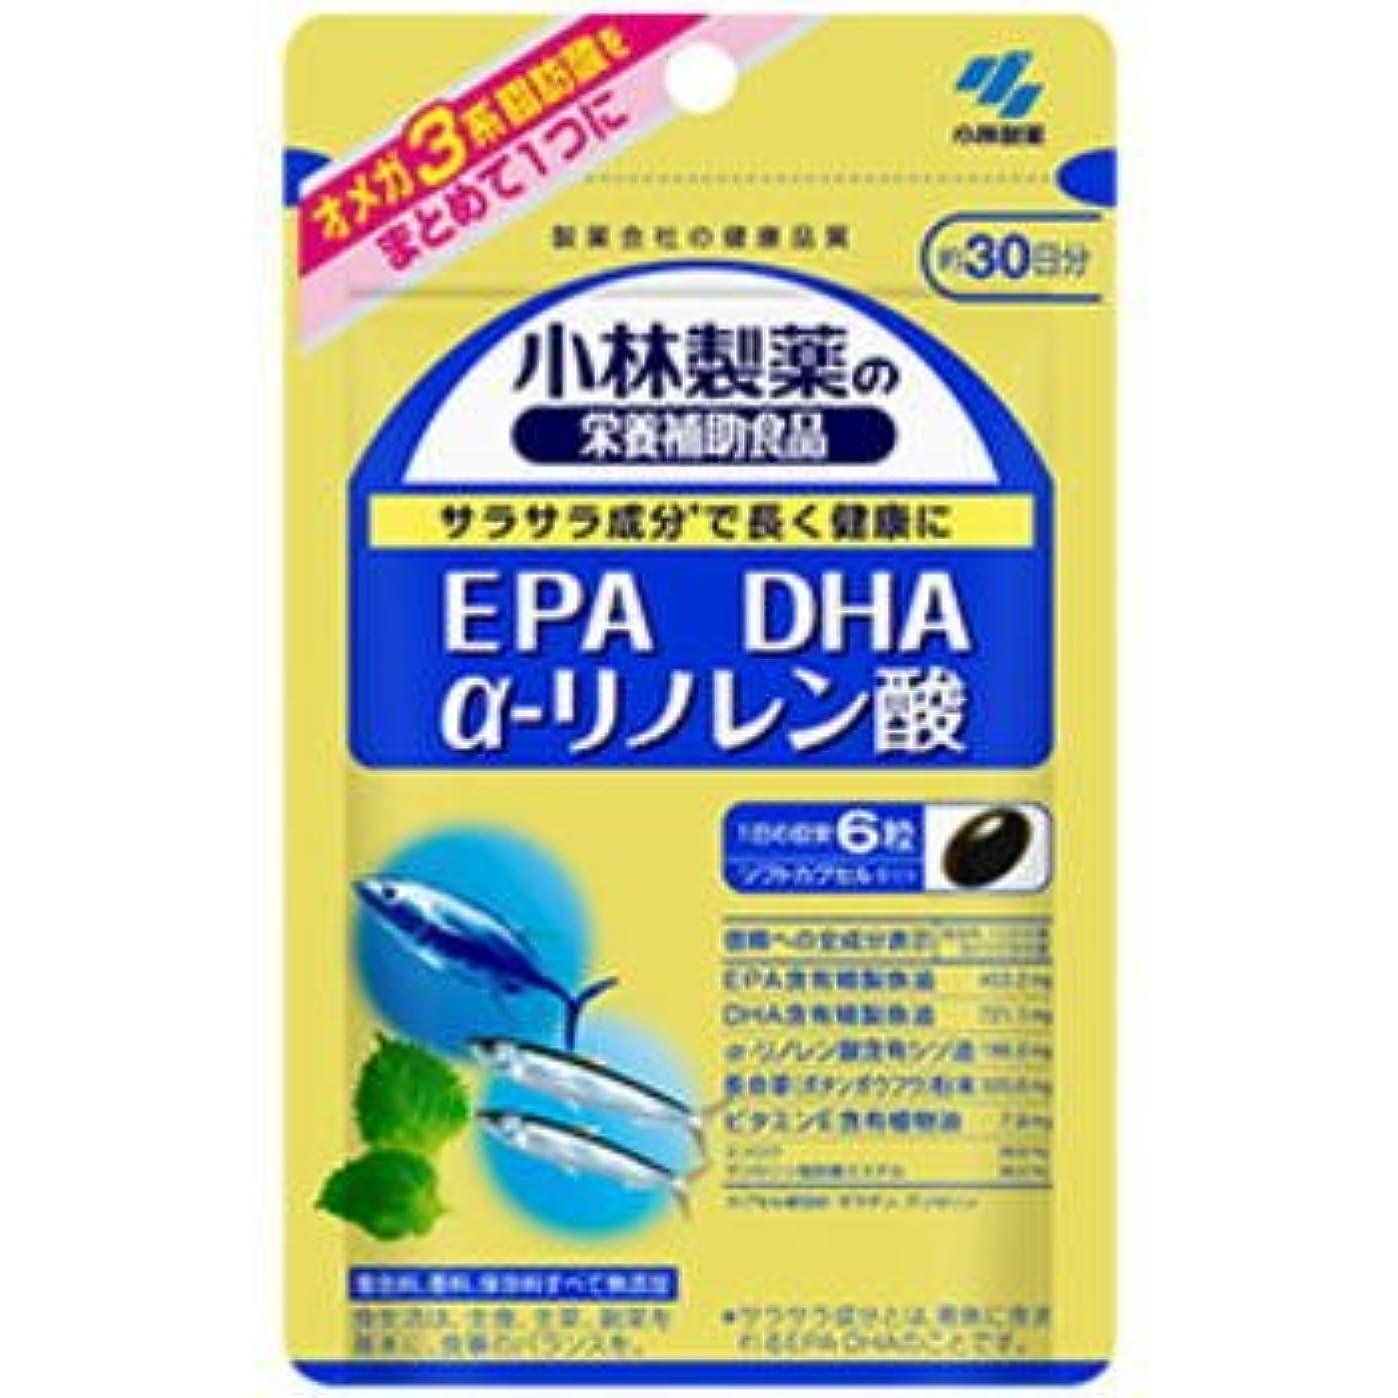 規範ジャーナルハイジャック小林製薬 EPA DHA α-リノレン酸 180粒×3個セット【ネコポス発送】